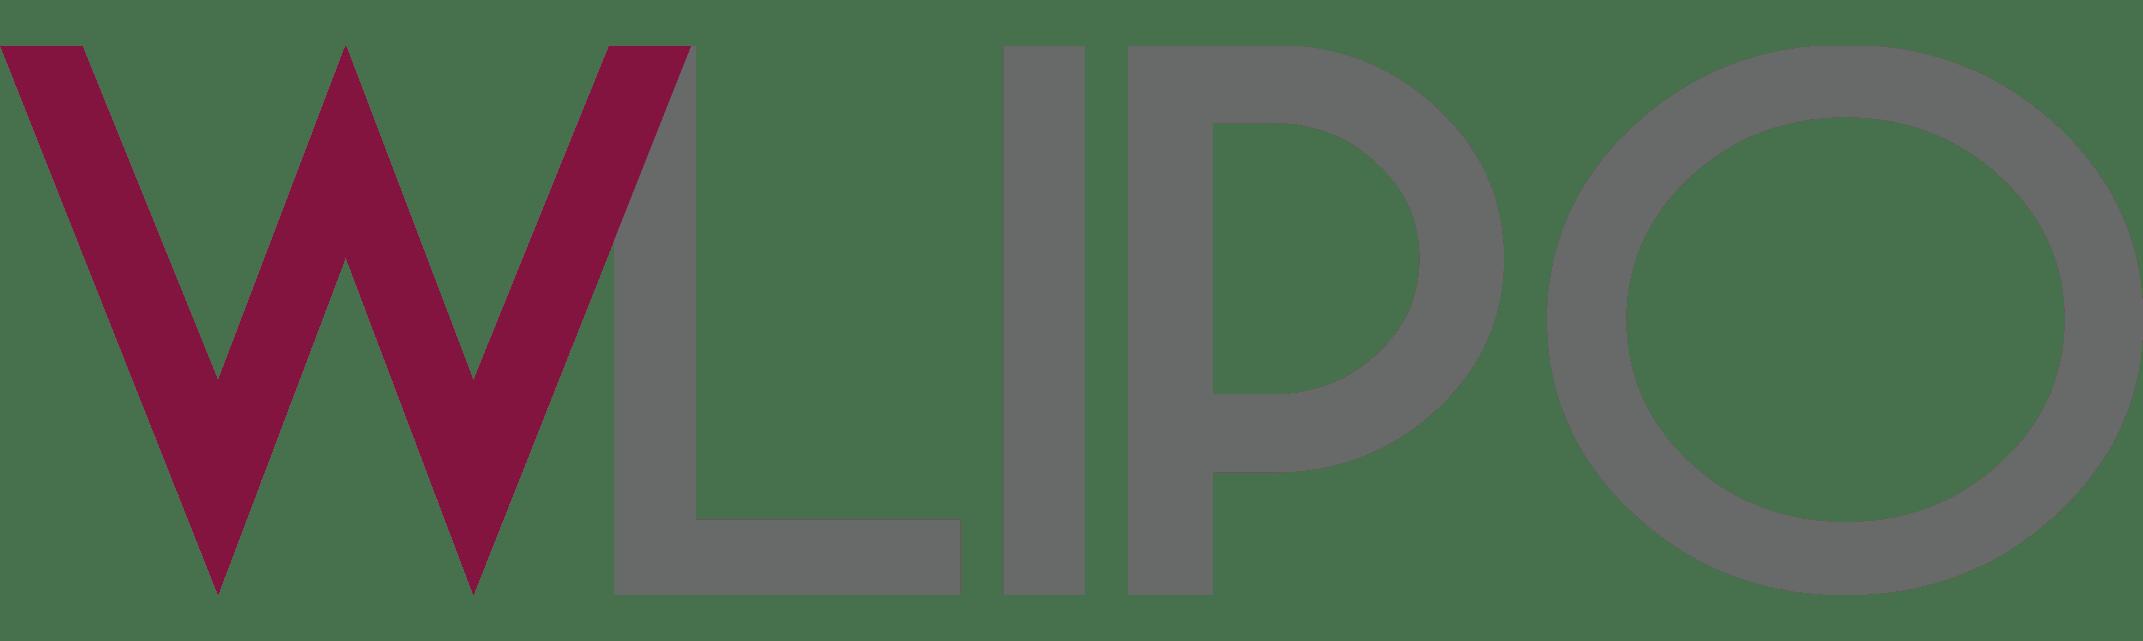 W-Lipo